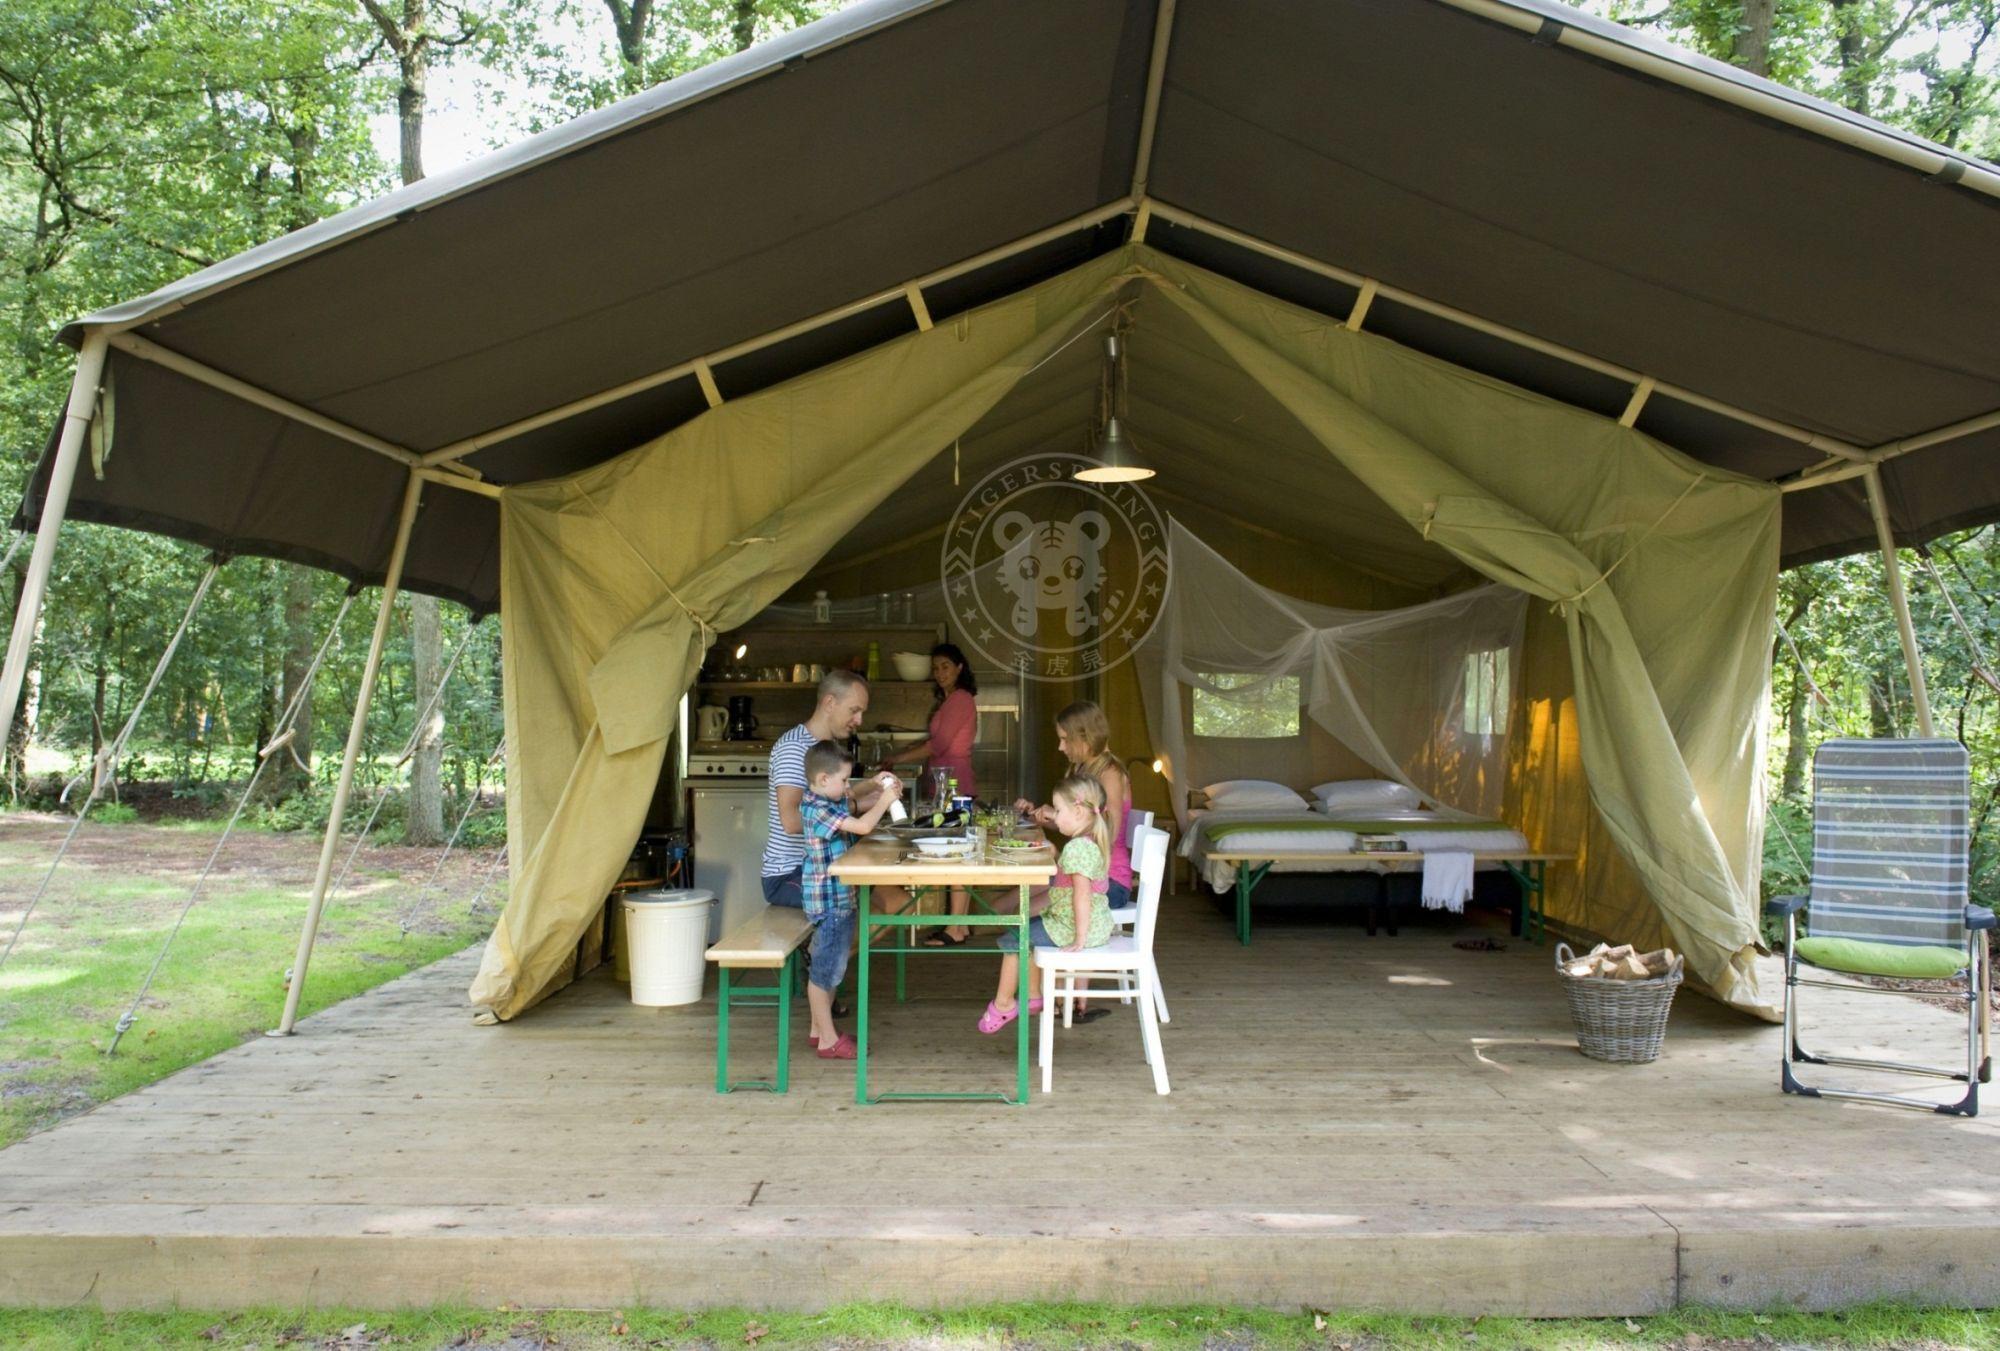 canvas safari tent safari tent for sale & canvas safari tent safari tent for sale | Glamping | Pinterest ...